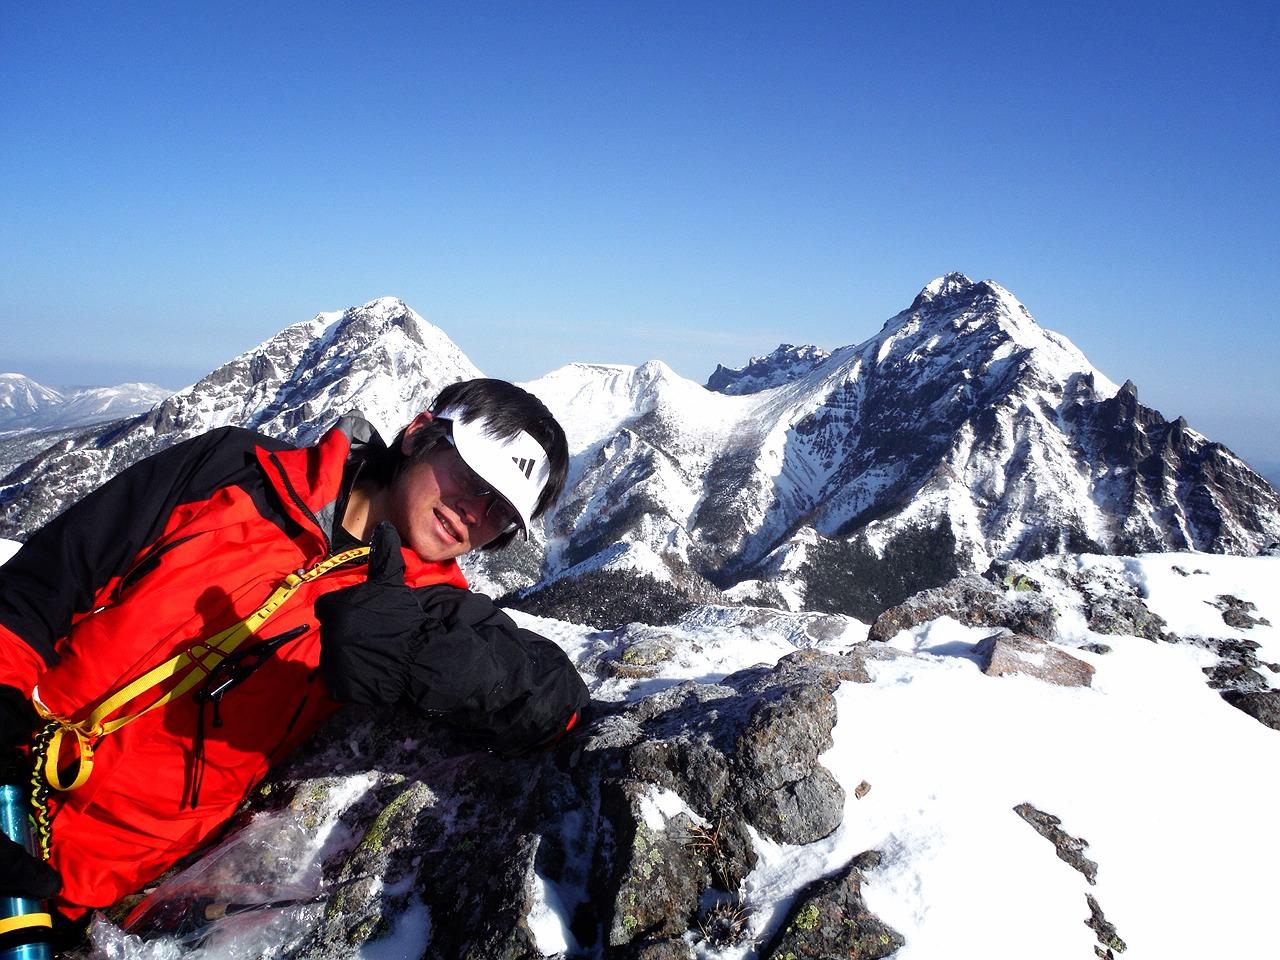 冬の八ヶ岳にSACが集う【八ヶ岳キレット縦走】_d0237801_1214877.jpg